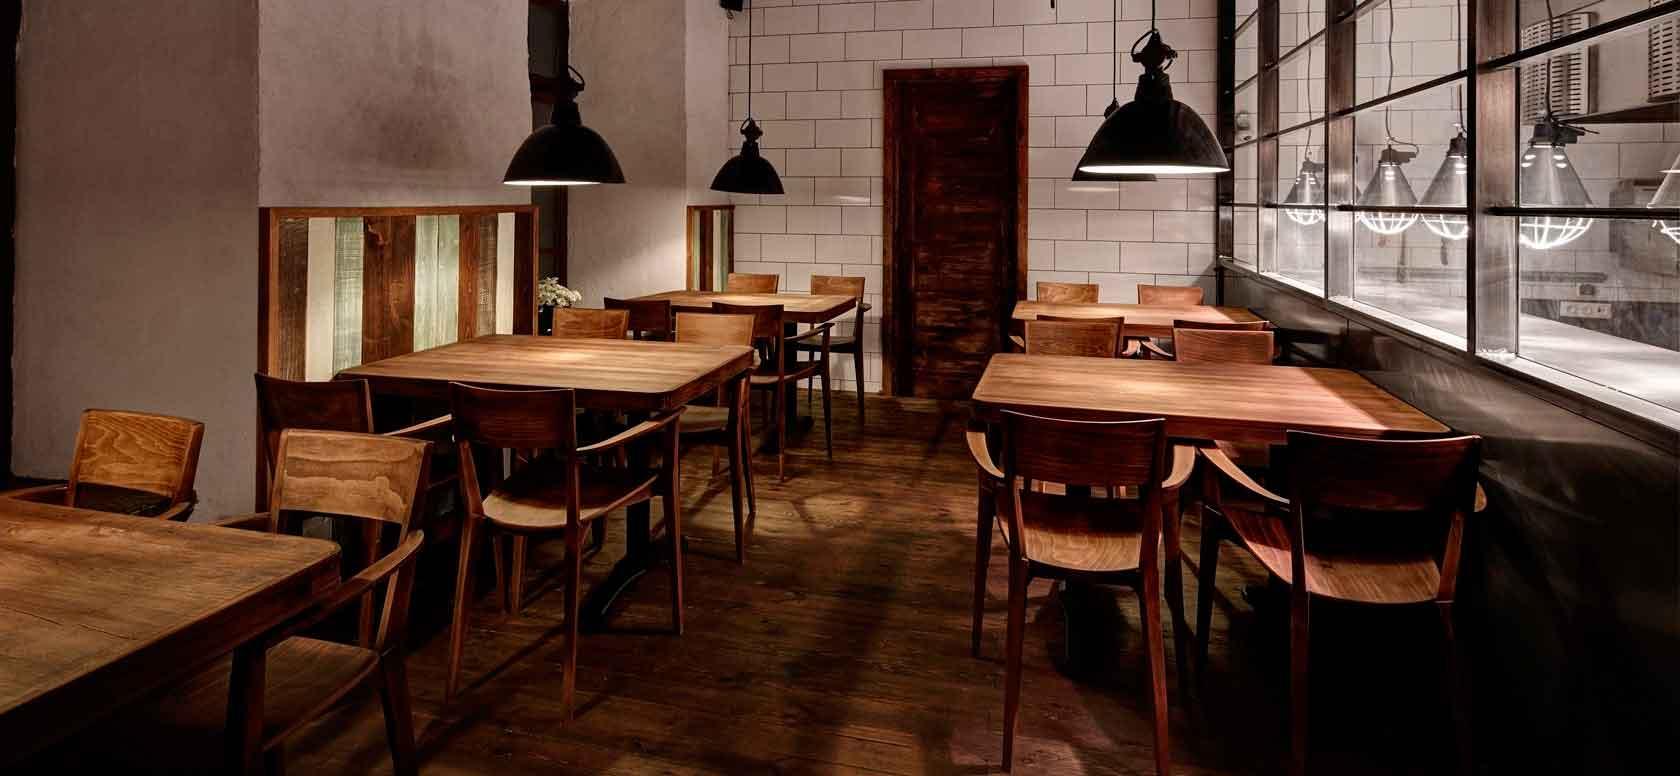 Trabajo realizado con Sillas madera de haya Fama. Para hostelería, ambiente 1